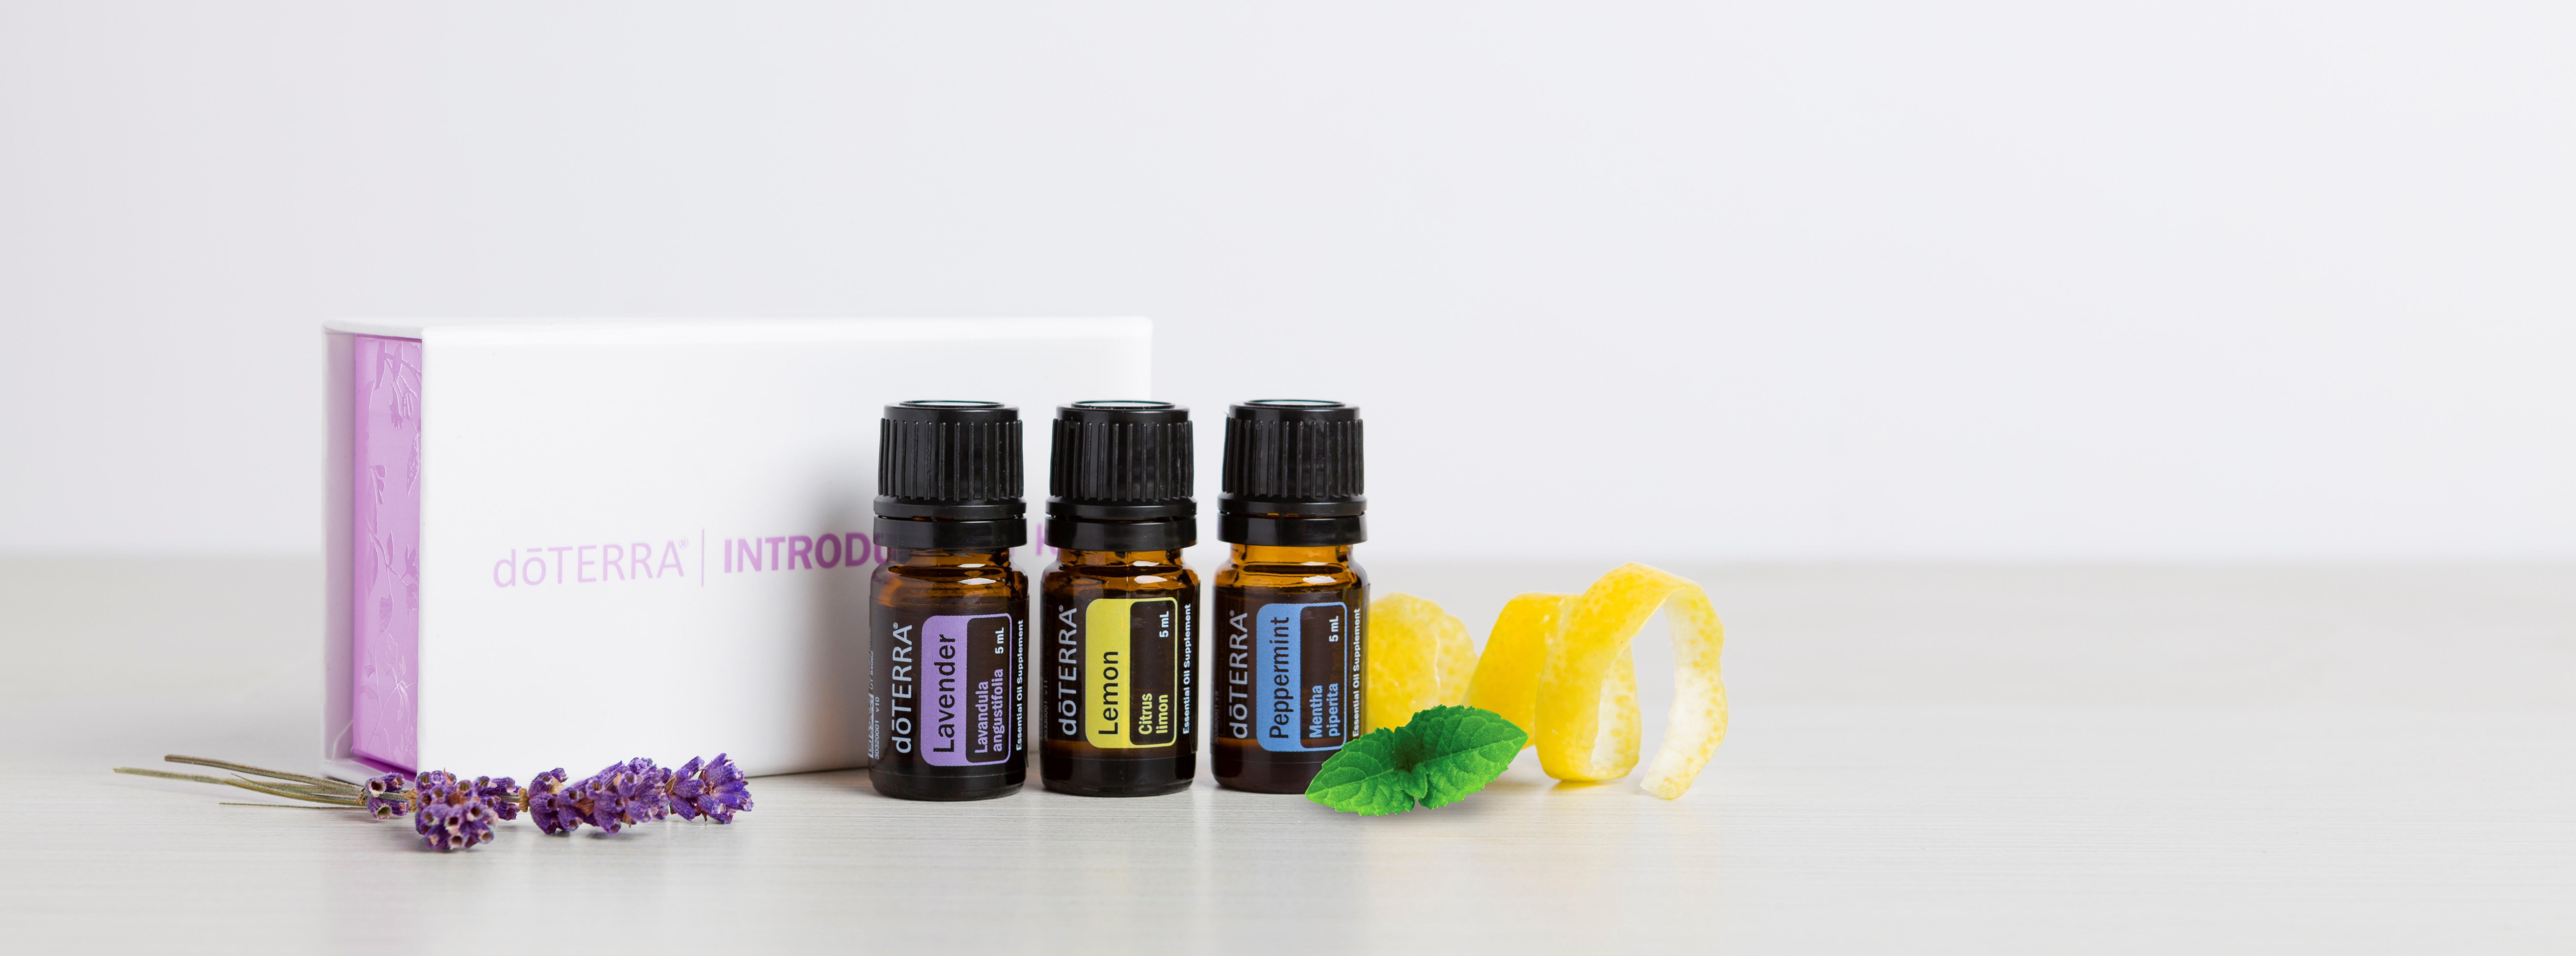 Intro Kit oils